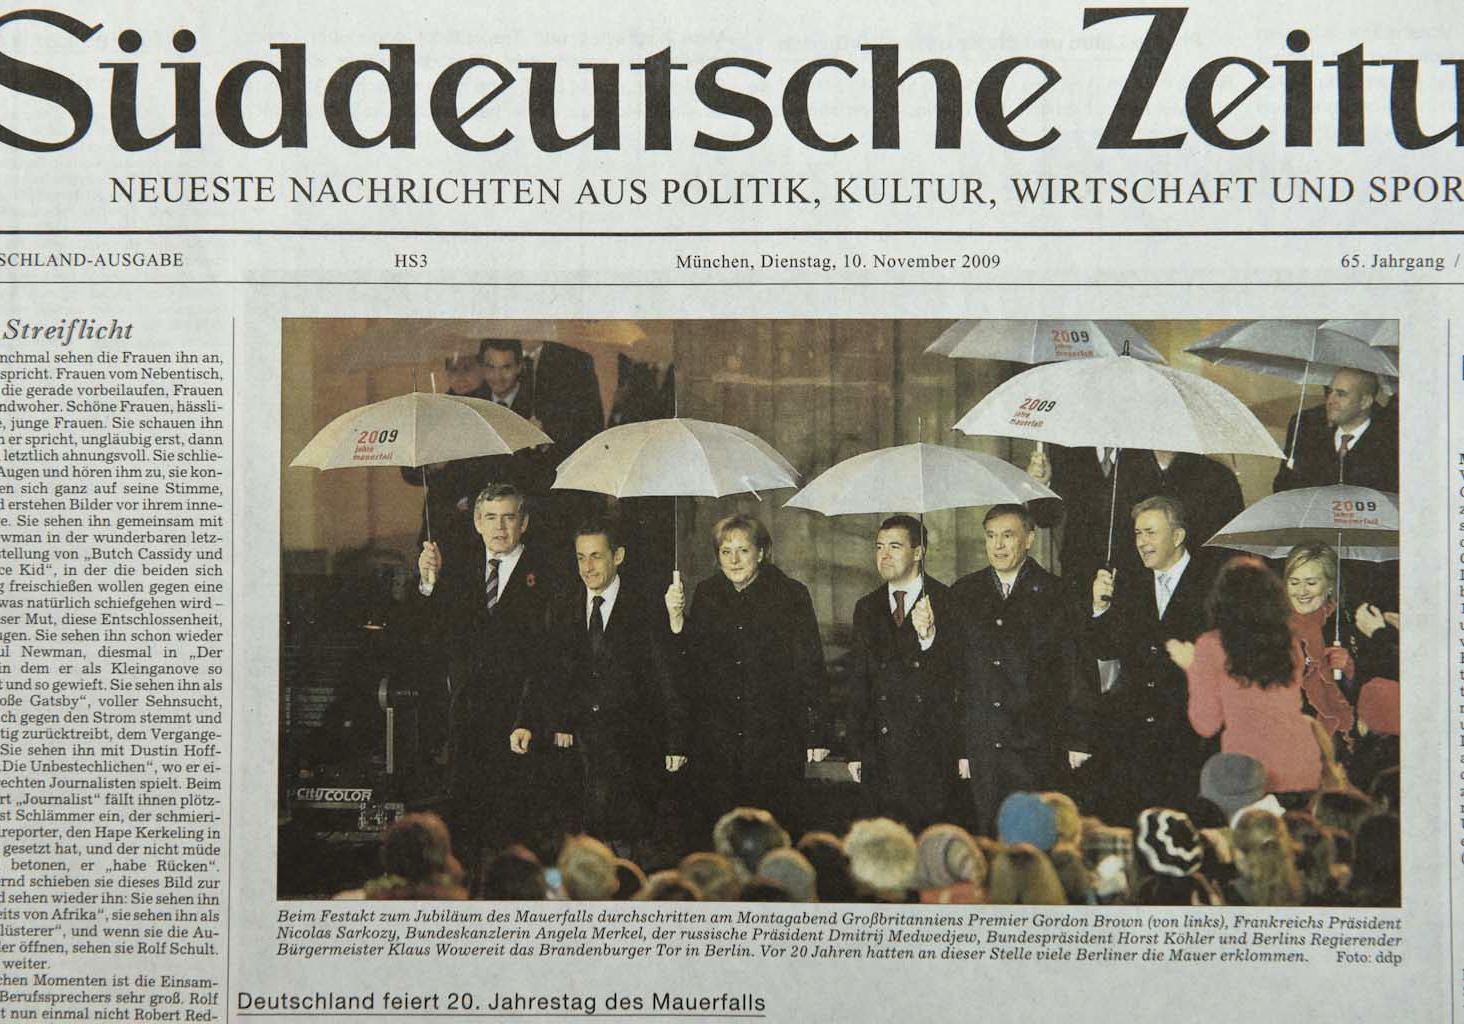 Süddeutsche Zeitung, 19.10.09